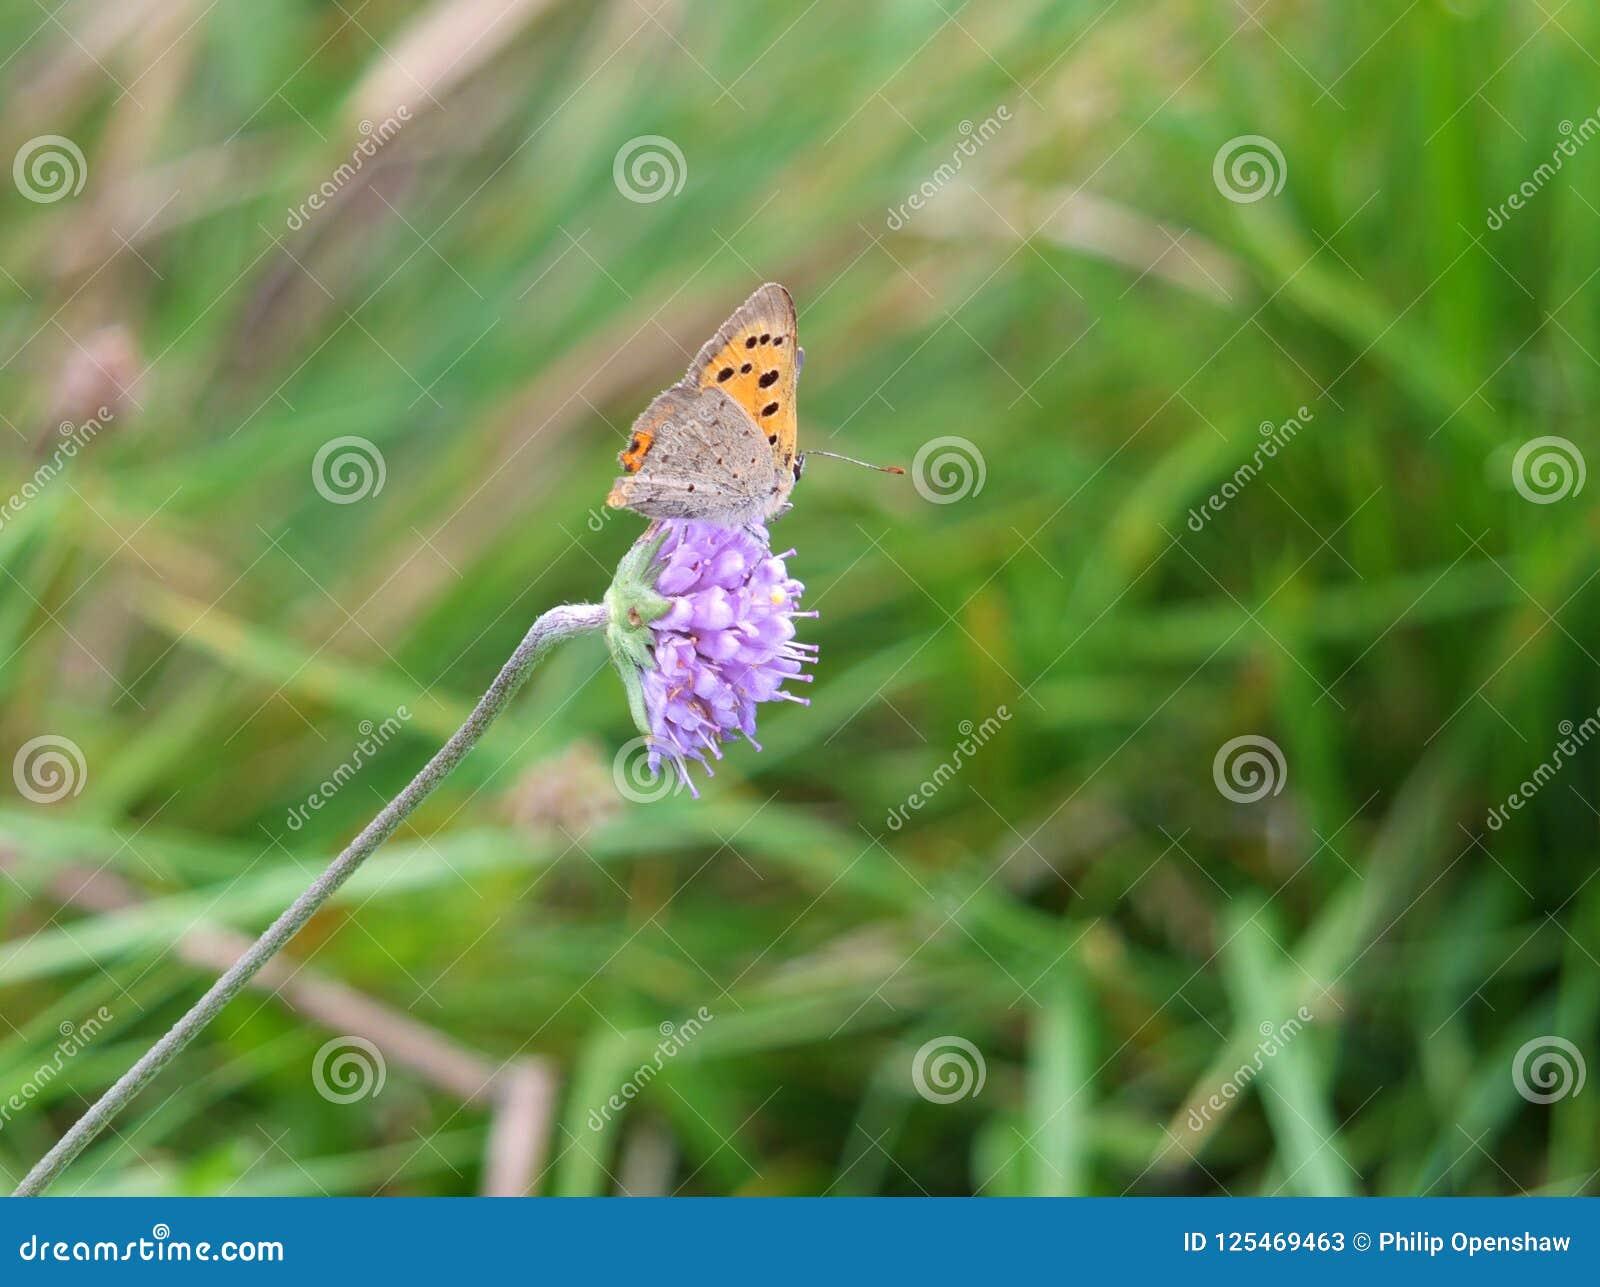 Закройте вверх небольшой медной бабочки отдыхая на небольшом пурпурном цветке против запачканной предпосылки зеленого цвета луга